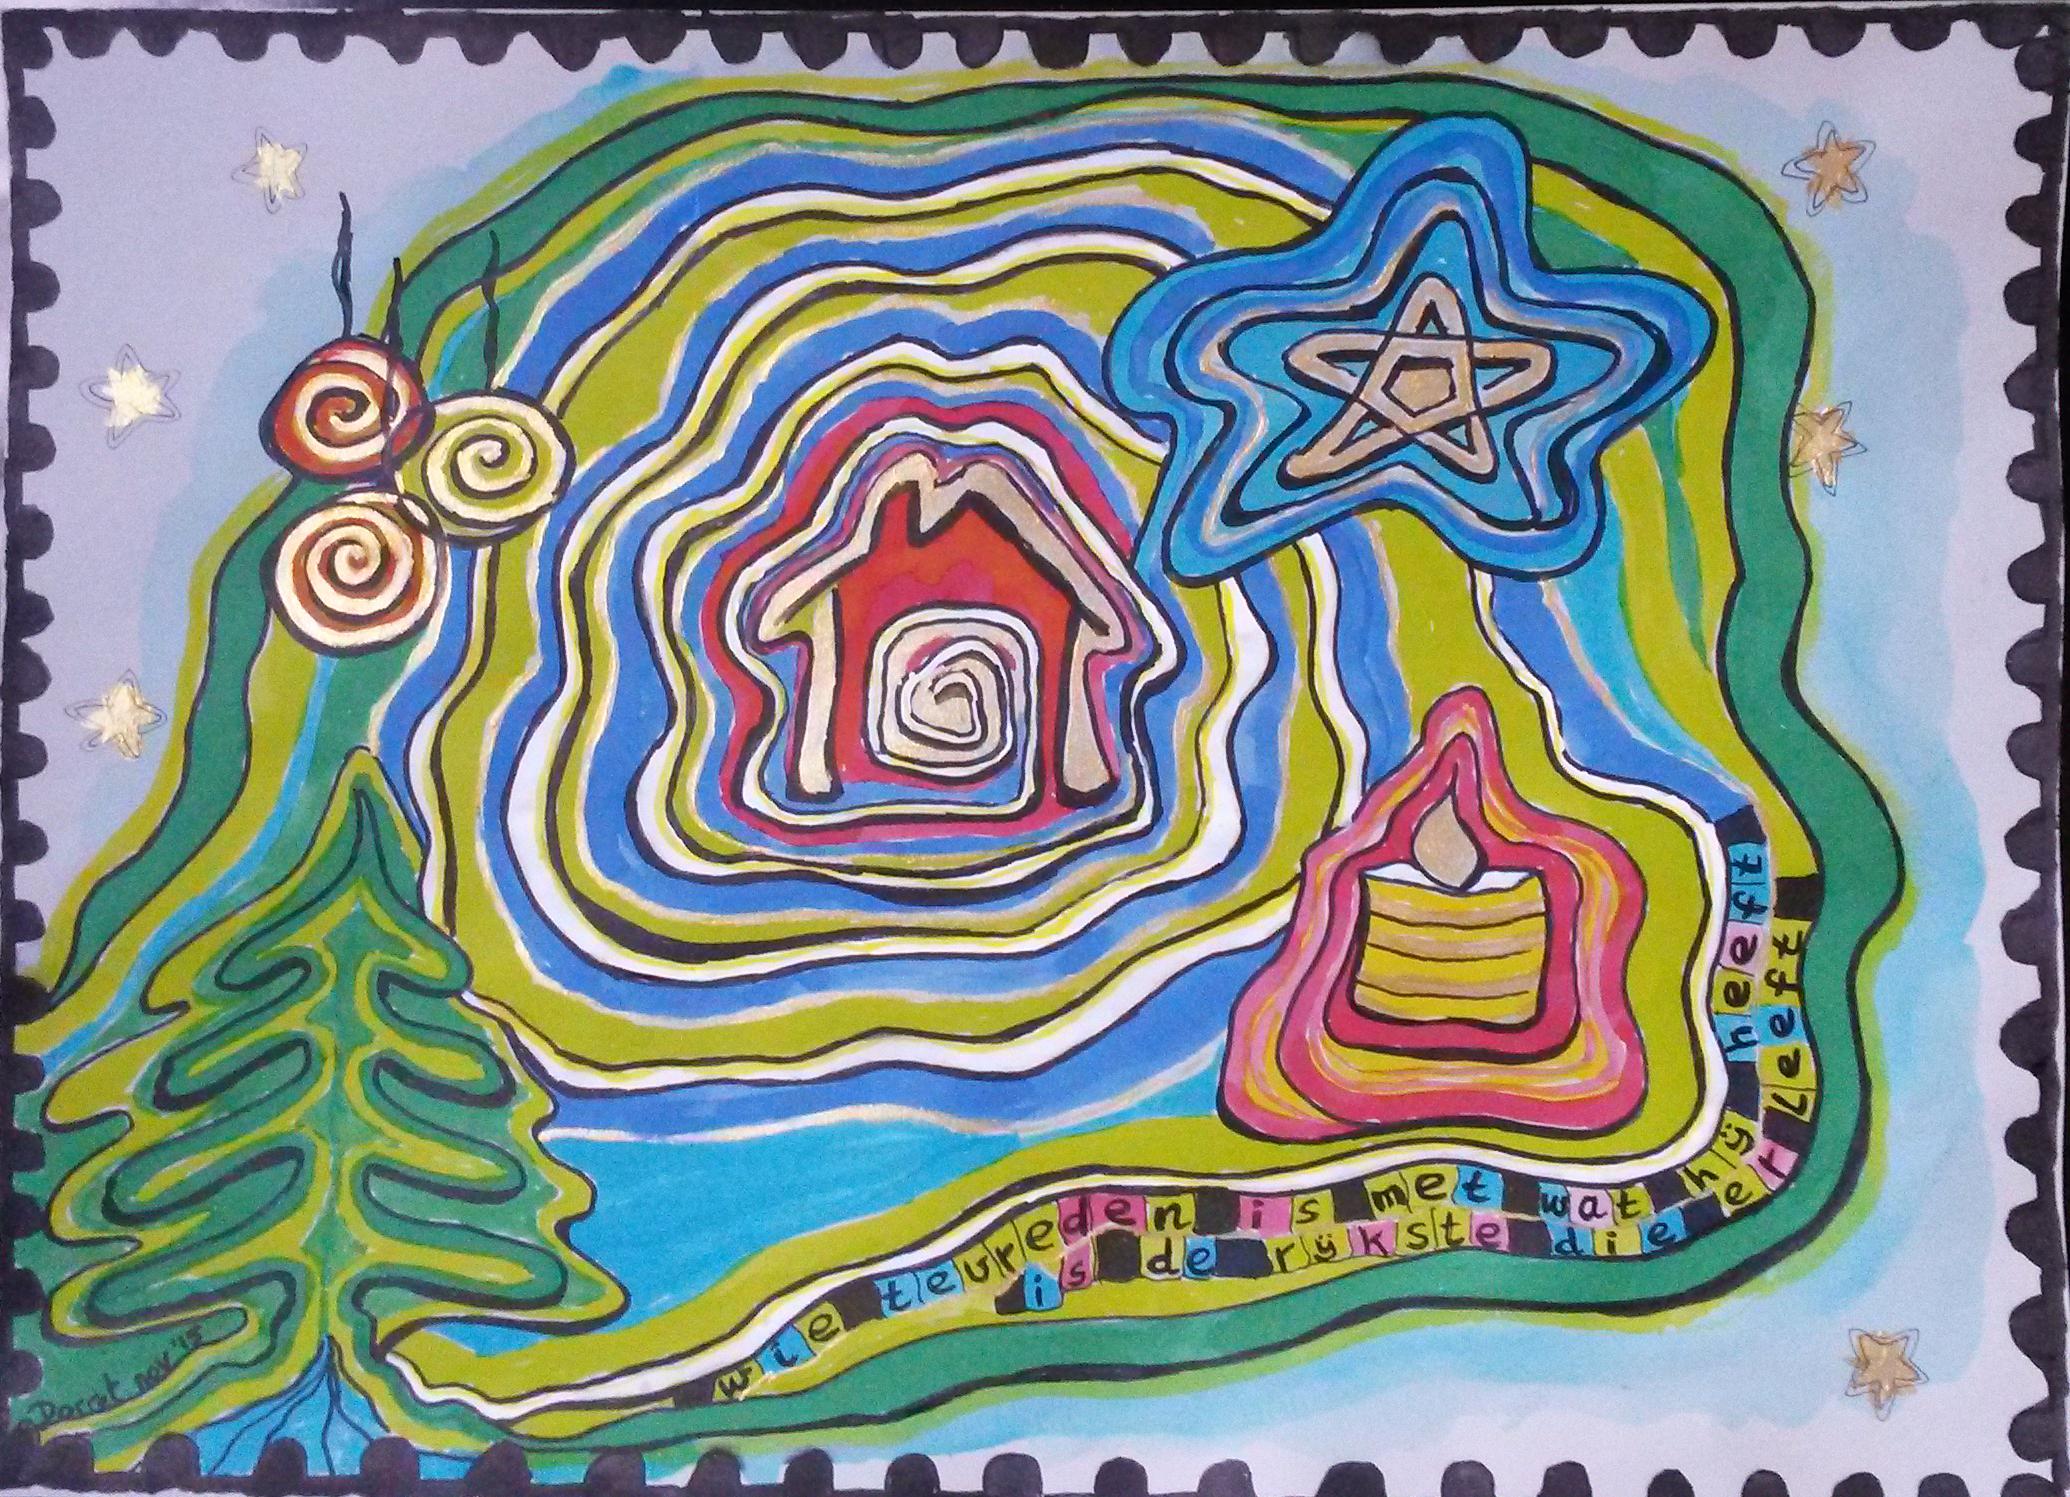 09 Kerstpostzegel